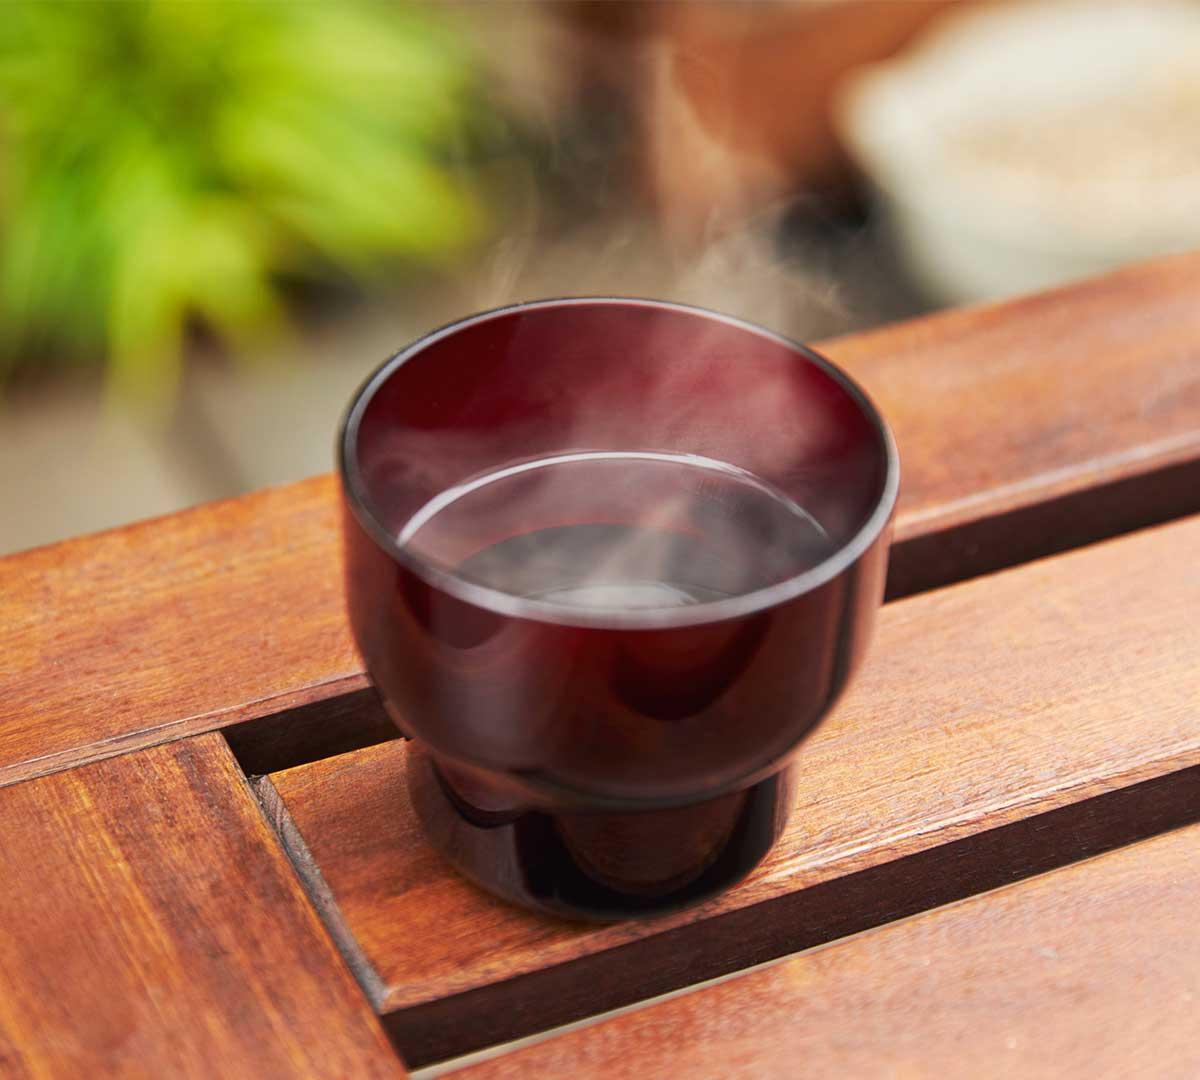 ホットコーヒーや熱い紅茶、白湯を飲む時にもどうぞ。食器洗い乾燥機の使用もOK。ずっと割れない保証付き、落としても割れない「樹脂製グラス」|双円(そうえん)